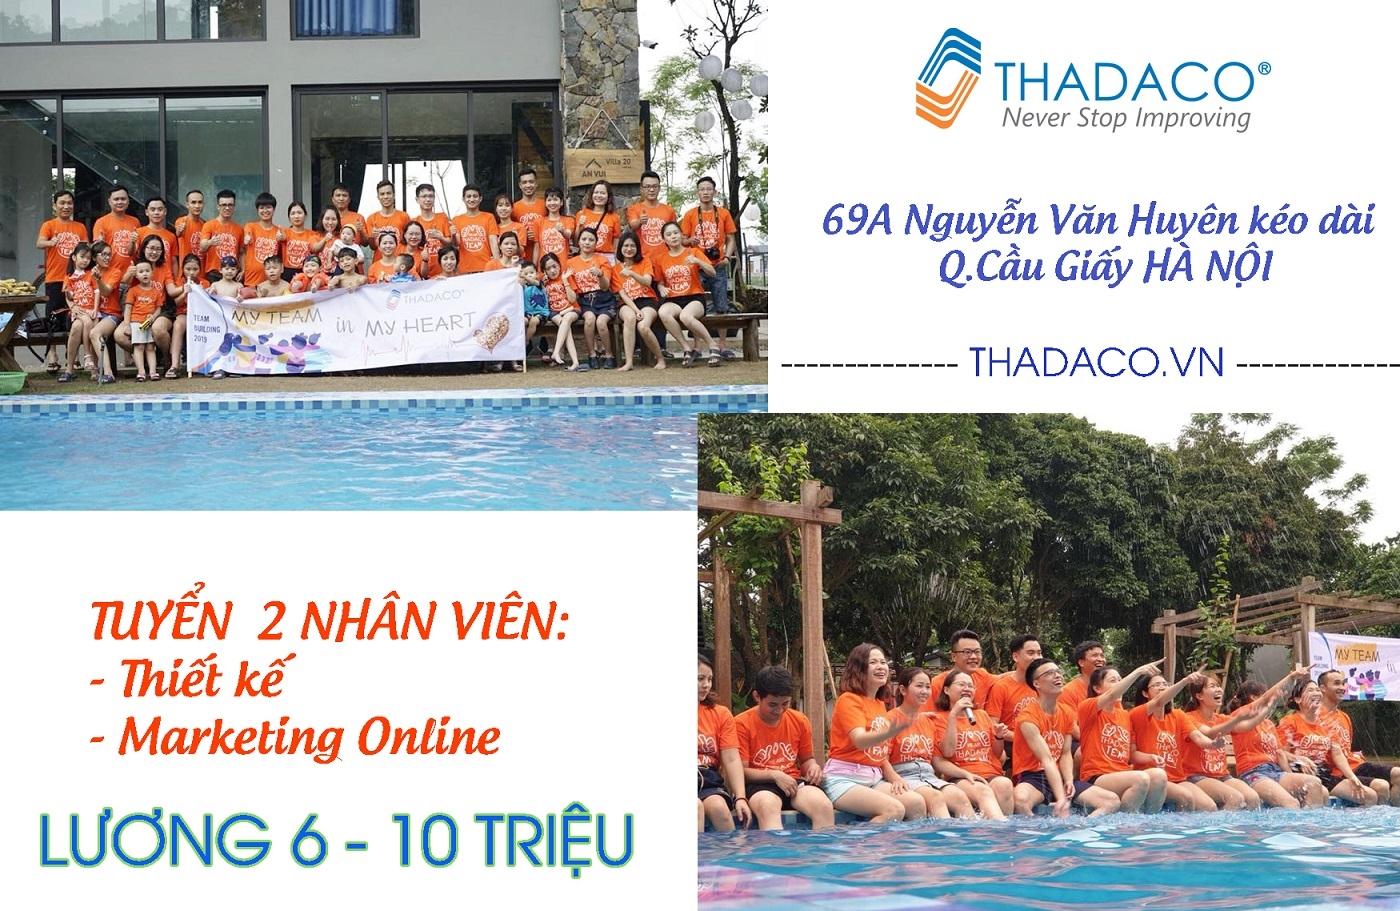 Thadaco Hà Nội tuyển dụng Thiết kế và Marketing Online